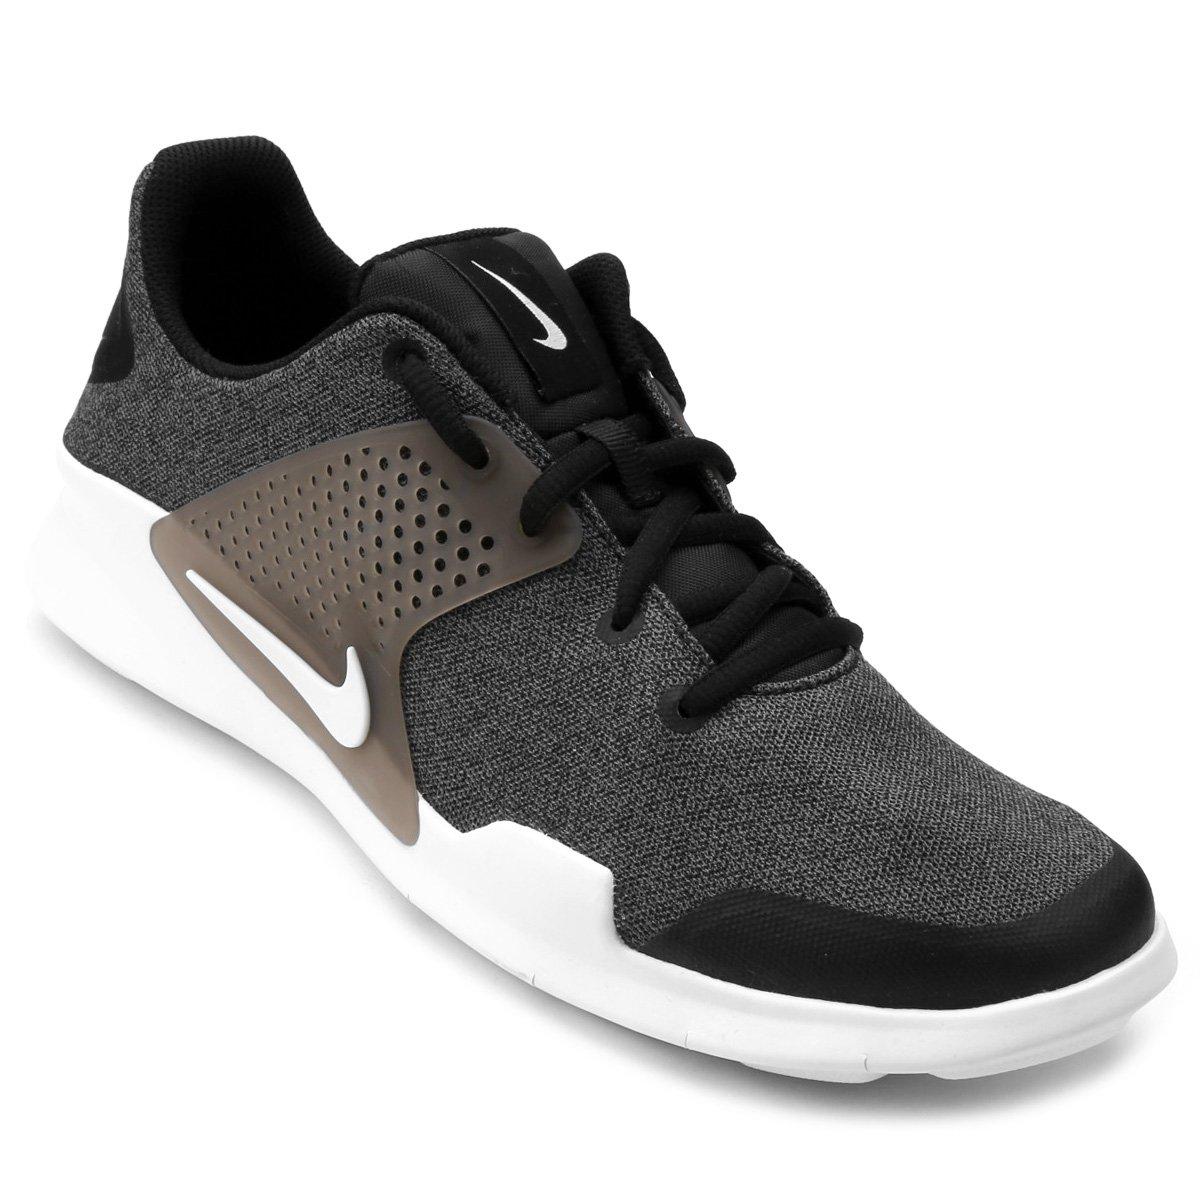 01b2d40c6 Tênis Nike Arrowz - Compre Agora